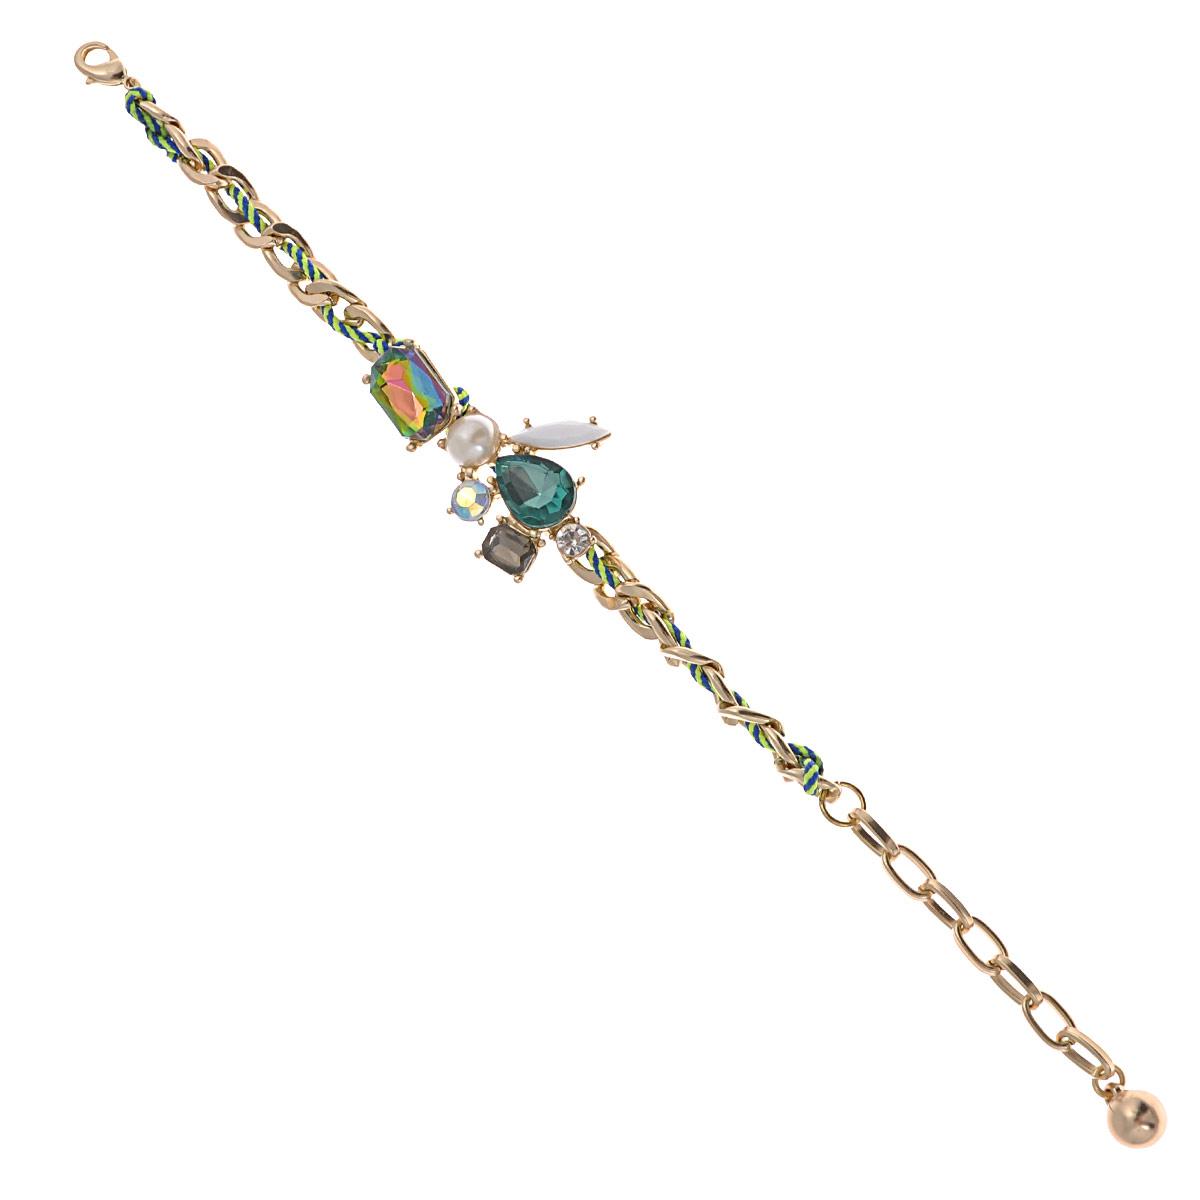 Браслет Avgad, цвет: золотистый, зеленый. BR77KL96BR77KL96Оригинальный браслет Avgad изготовлен из ювелирного сплава и текстильного шнурка и декорирован стразами и искусственными камнями разных цветов и размеров. Застегивается изделие на замок-карабин. Длина регулируется за счет цепочки. Это оригинальное украшение внесет изюминку в ваш модный образ и позволит выделиться среди окружающих.